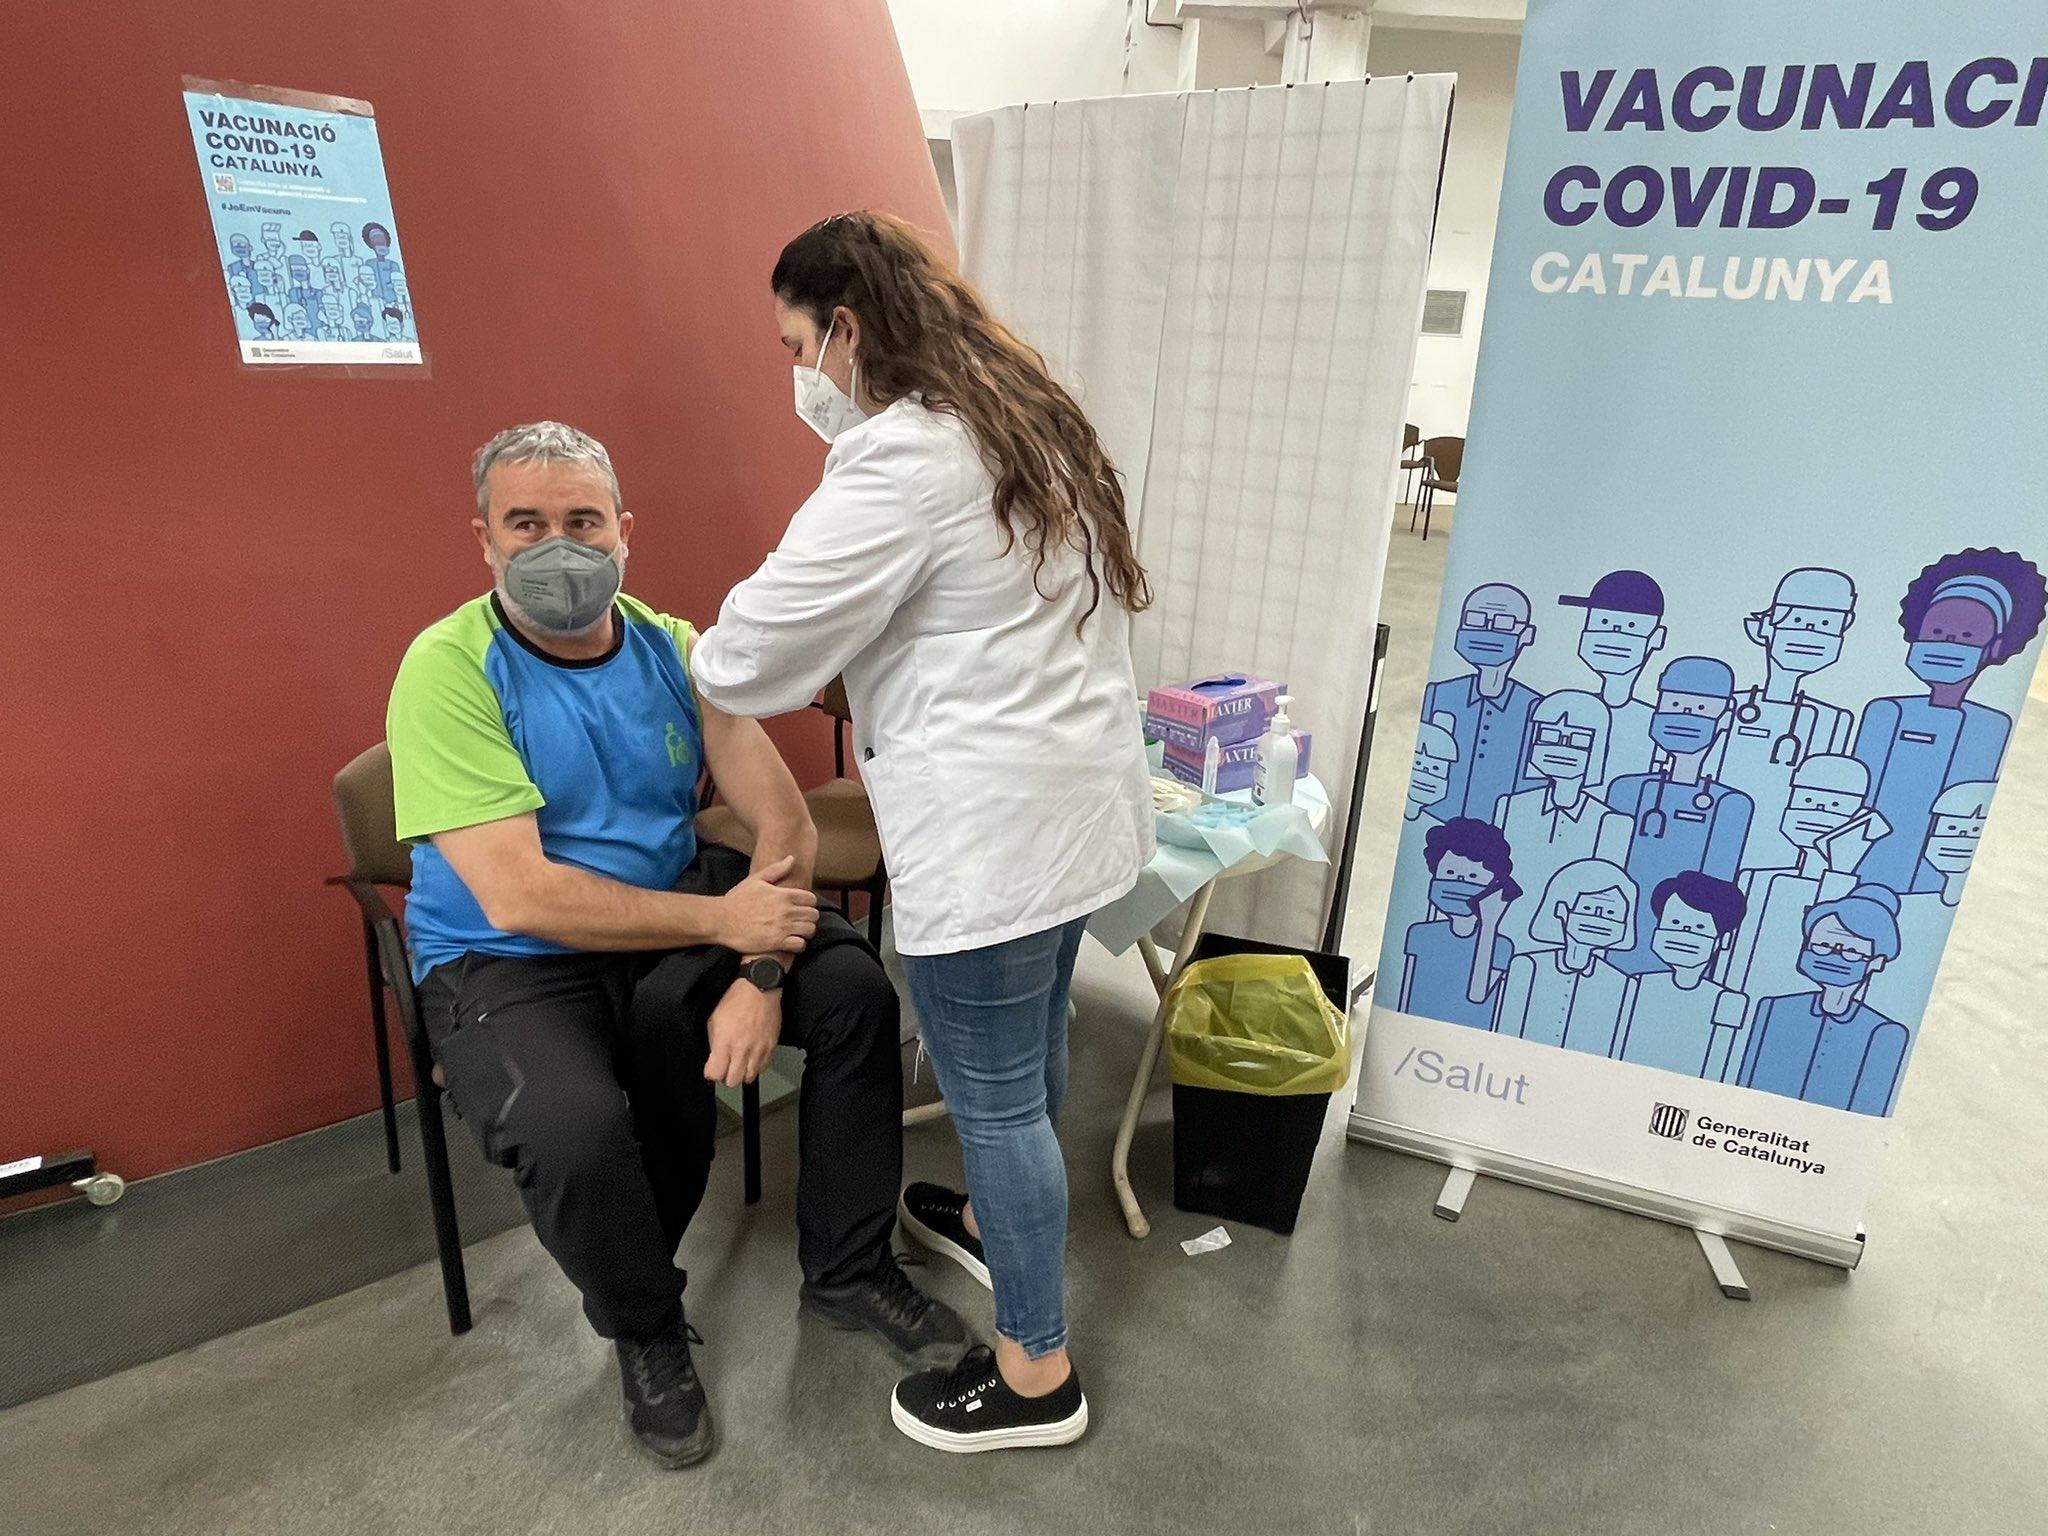 El Punt de Vacunació del Palau Firal de Manresa obre les tardes d'agost sense cita prèvia